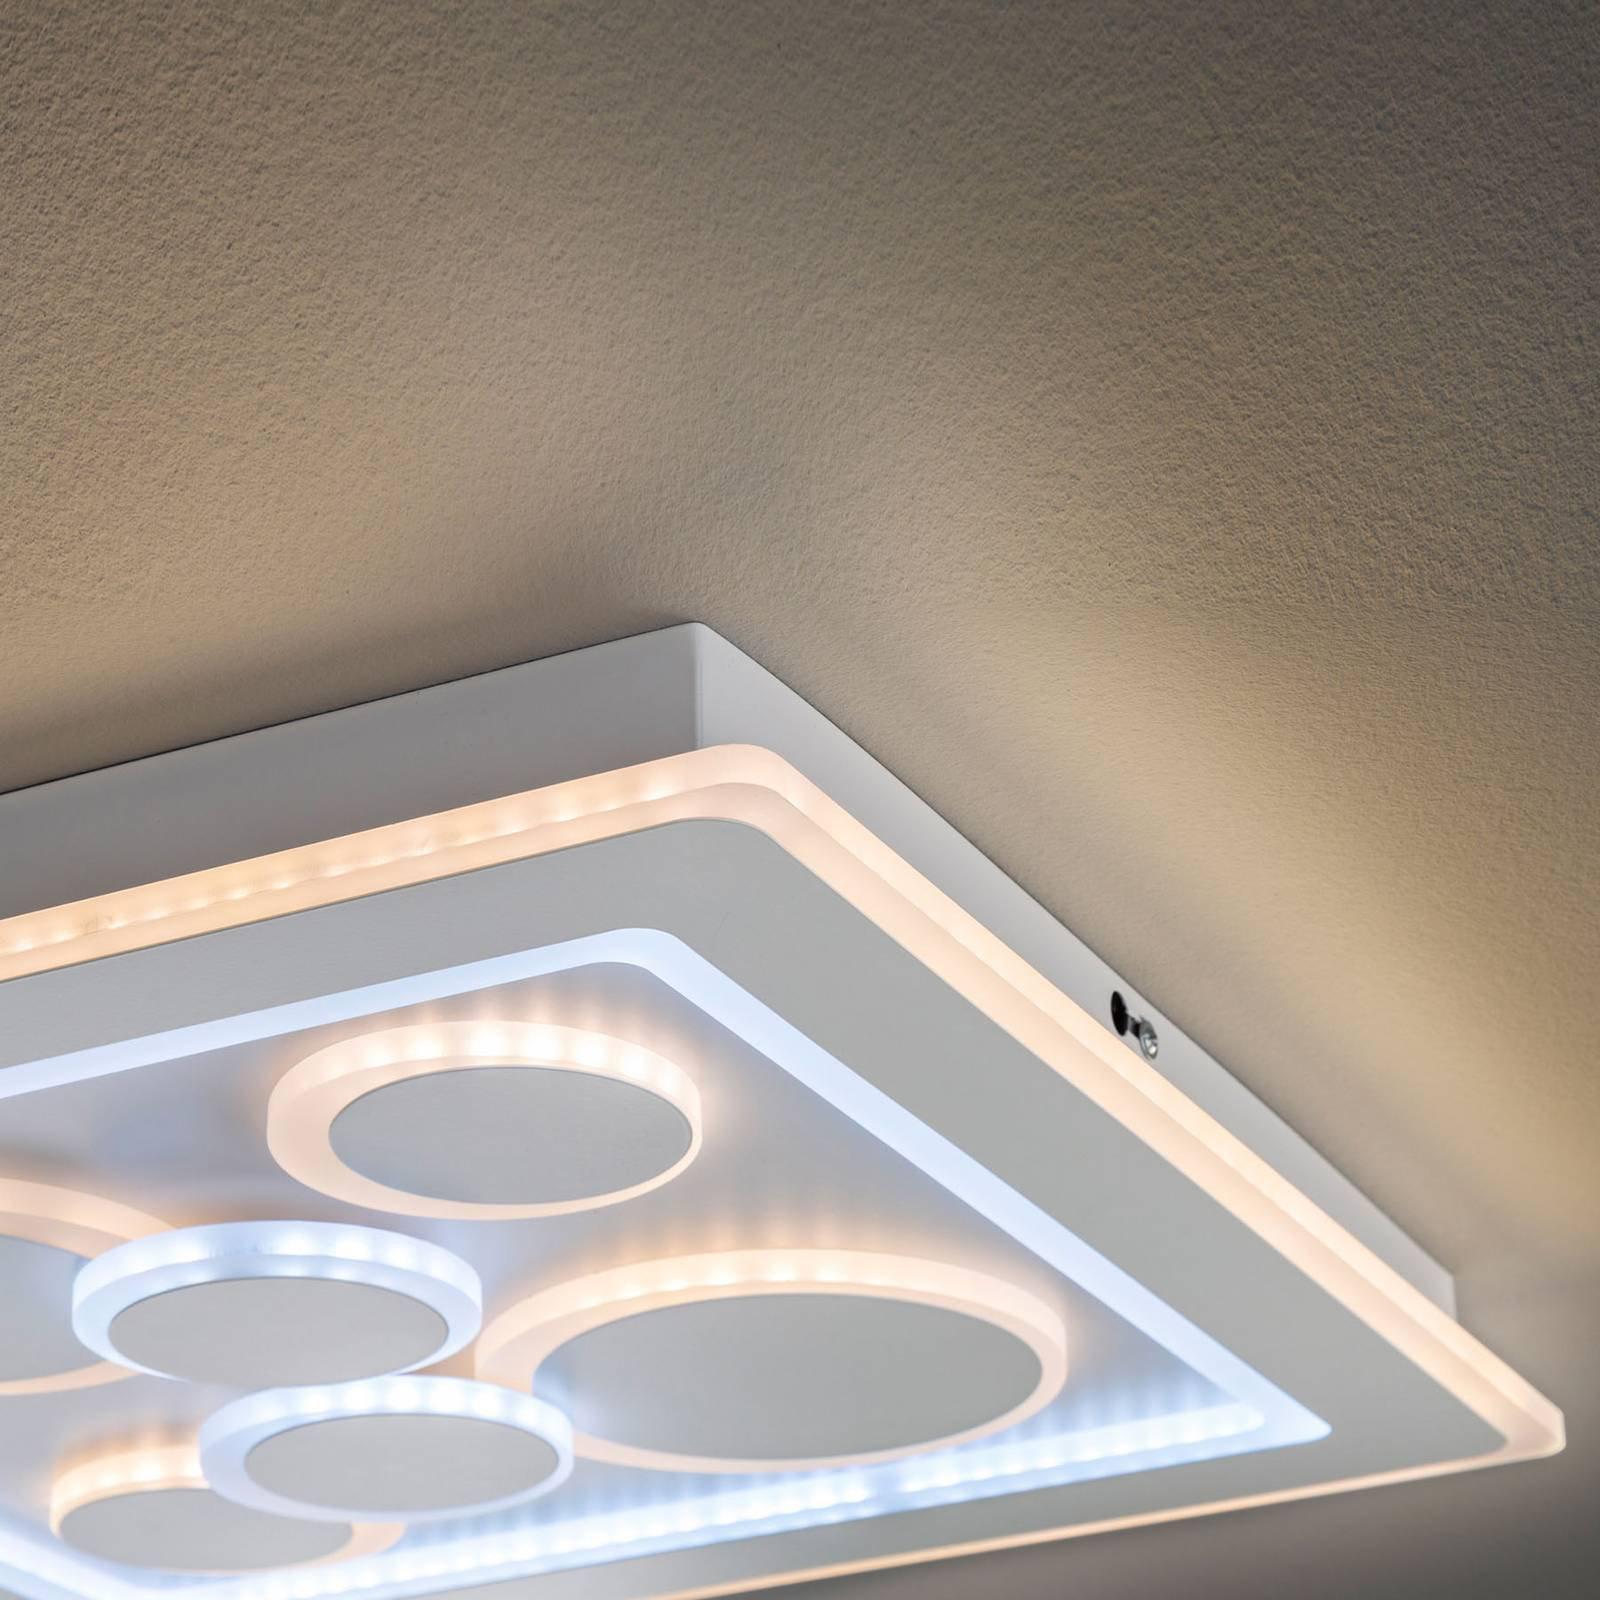 LED-taklampe Ratio, dimbar, seks sirkler